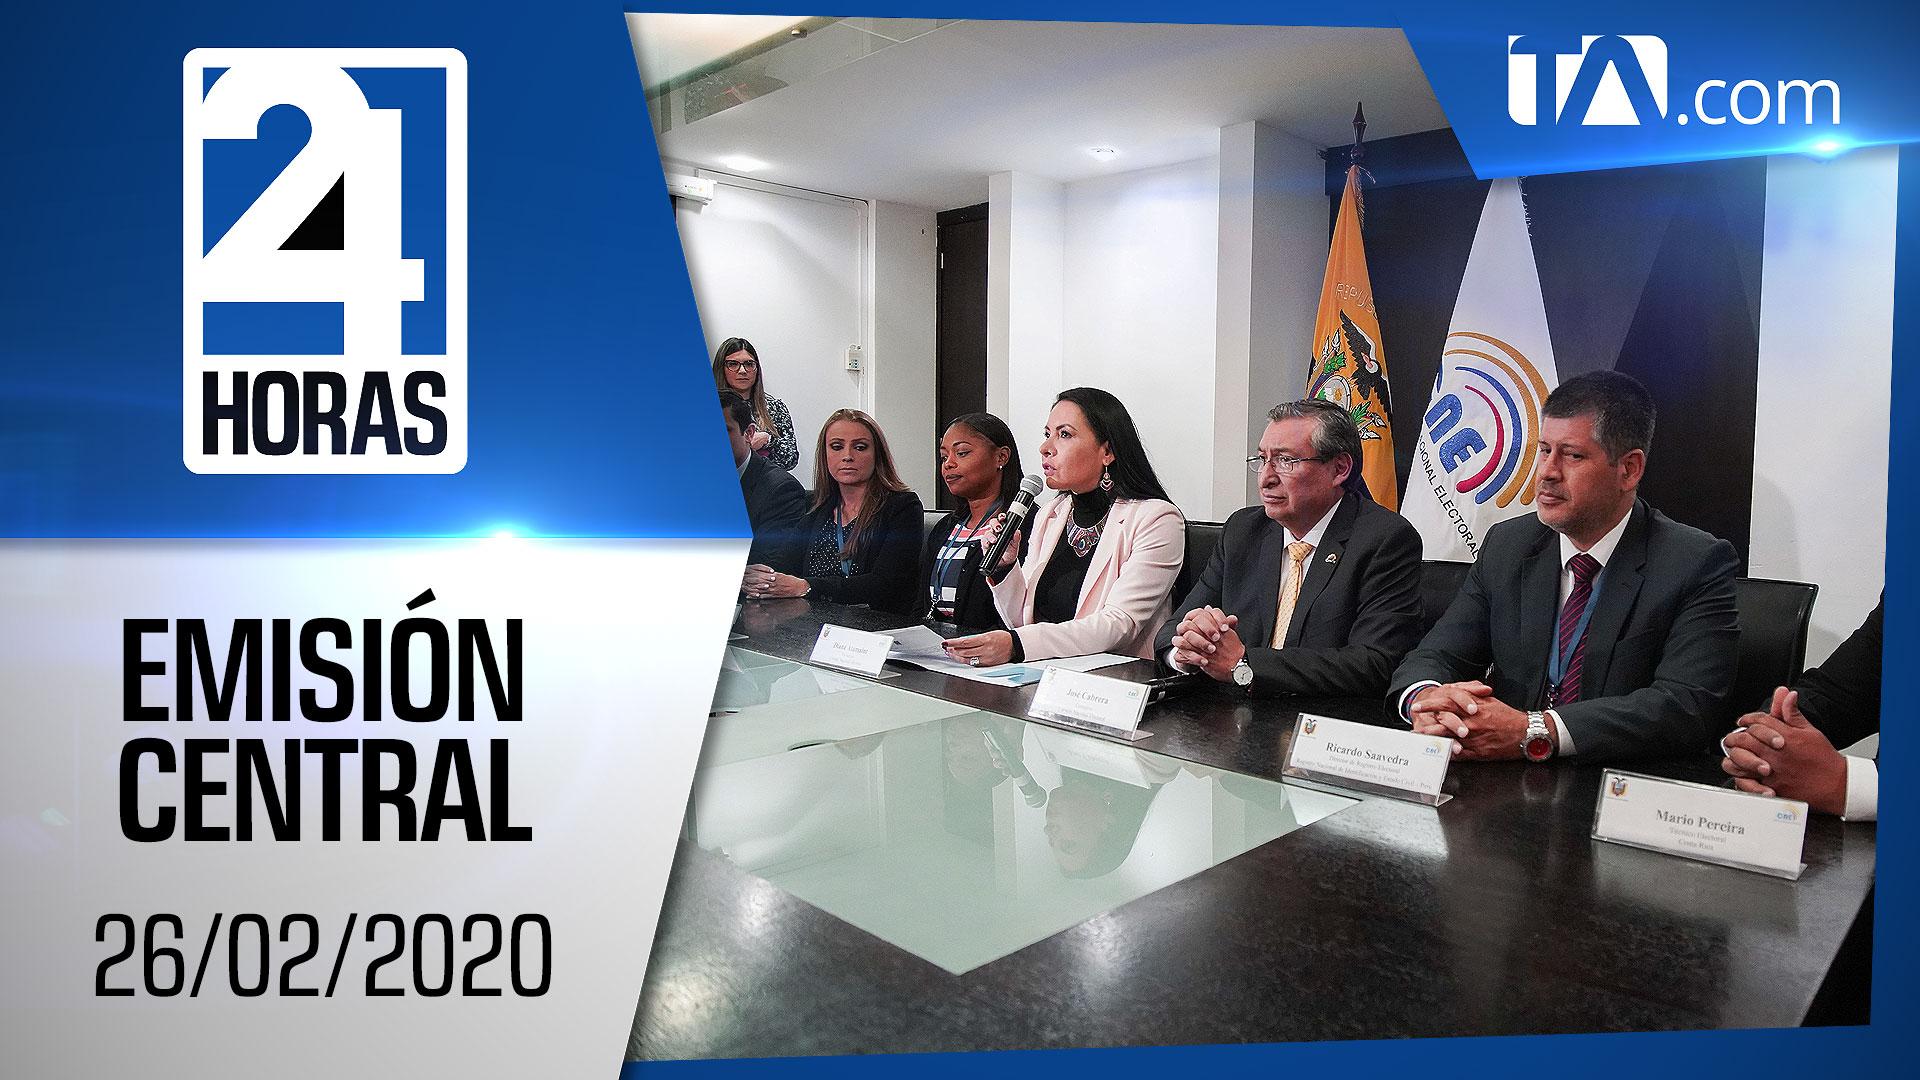 Noticiero 24 Horas, 26/02/2020 (Emisión Central)